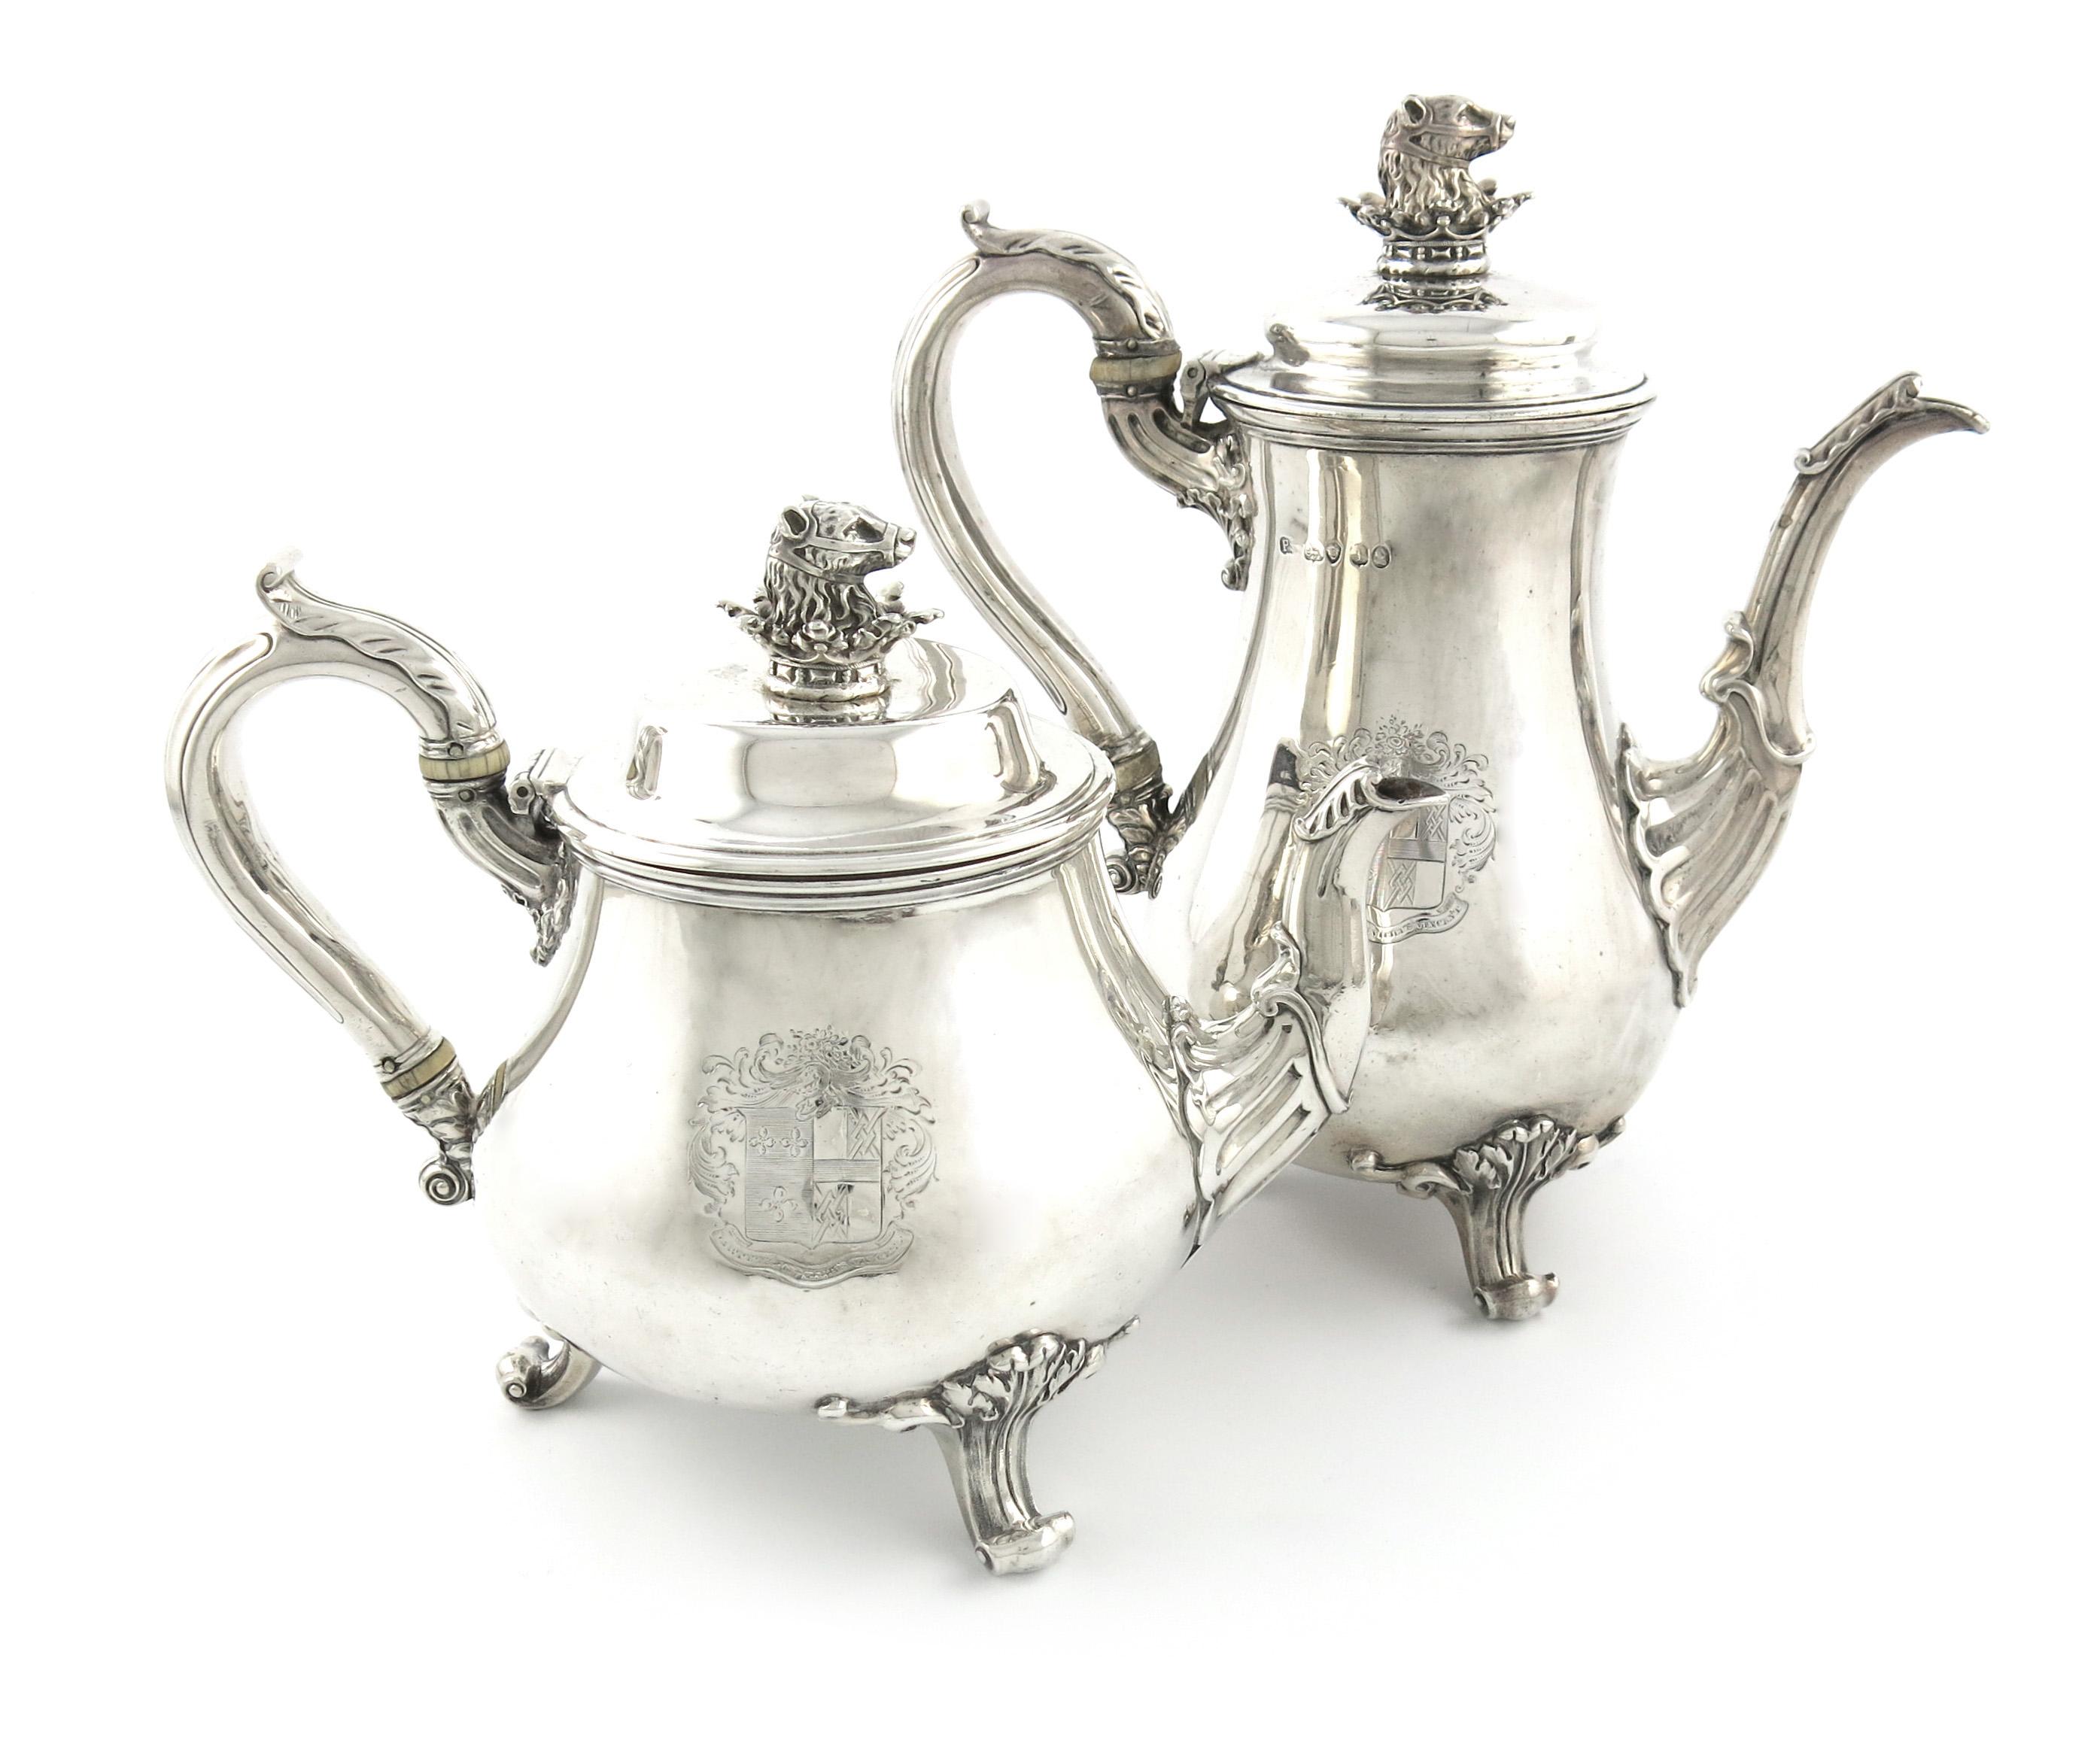 λA George IV silver coffee pot and teapot, by Paul Storr, London 1826, baluster form, leaf capped